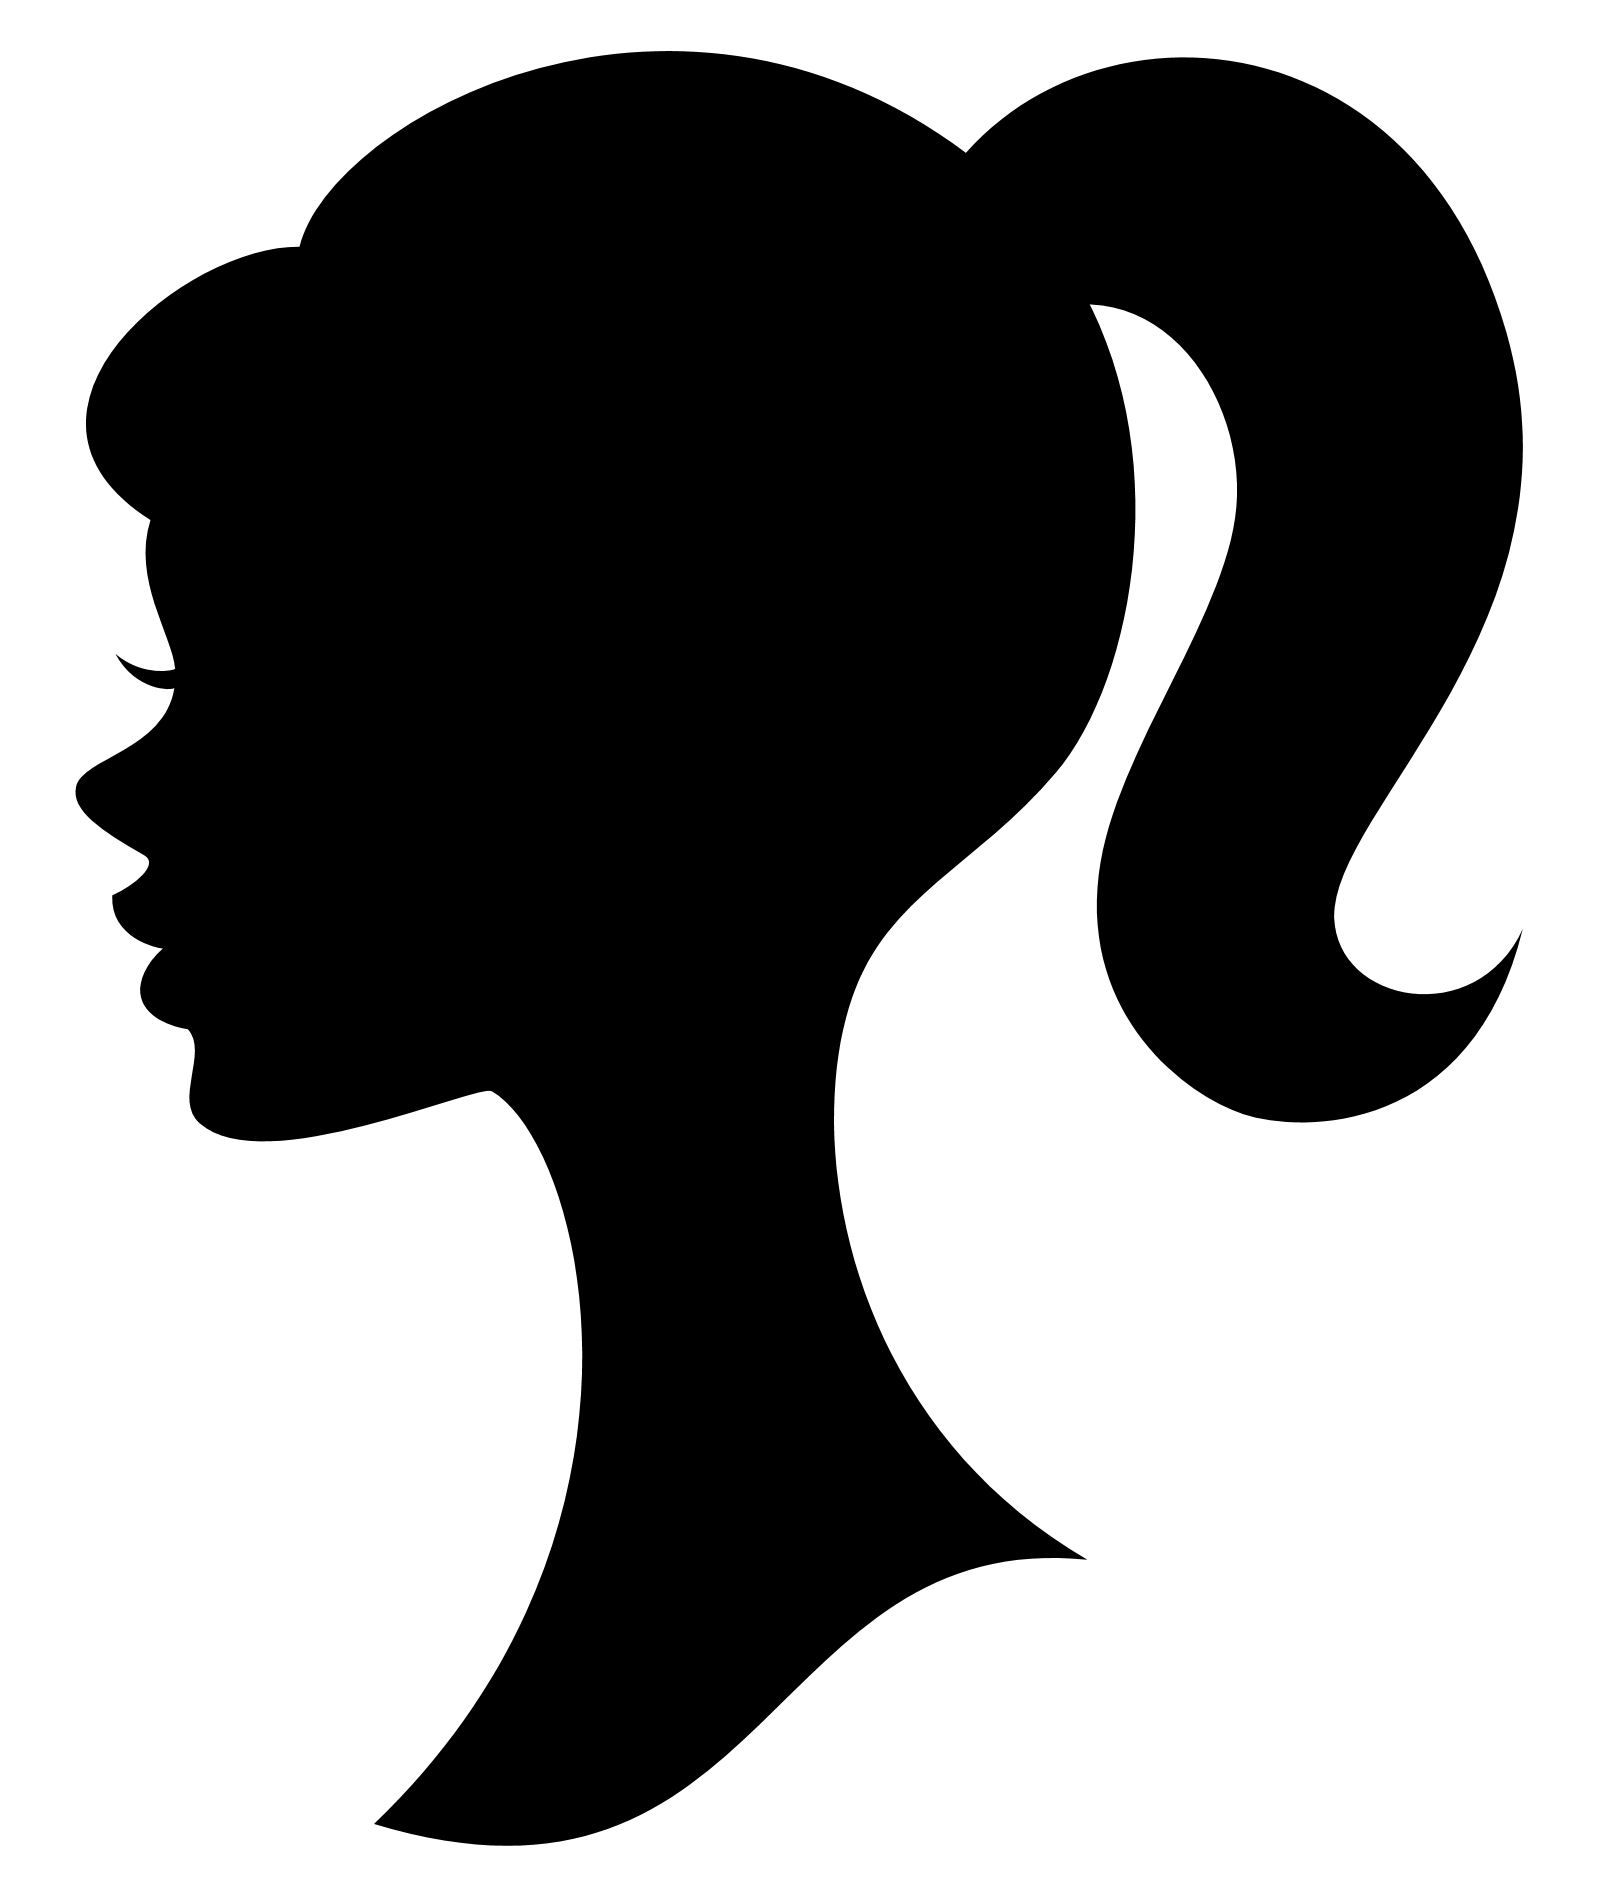 pin by adriana pereira on decora o barbie paris pinterest rh pinterest com au barbie clipart black and white barbie clipart black and white